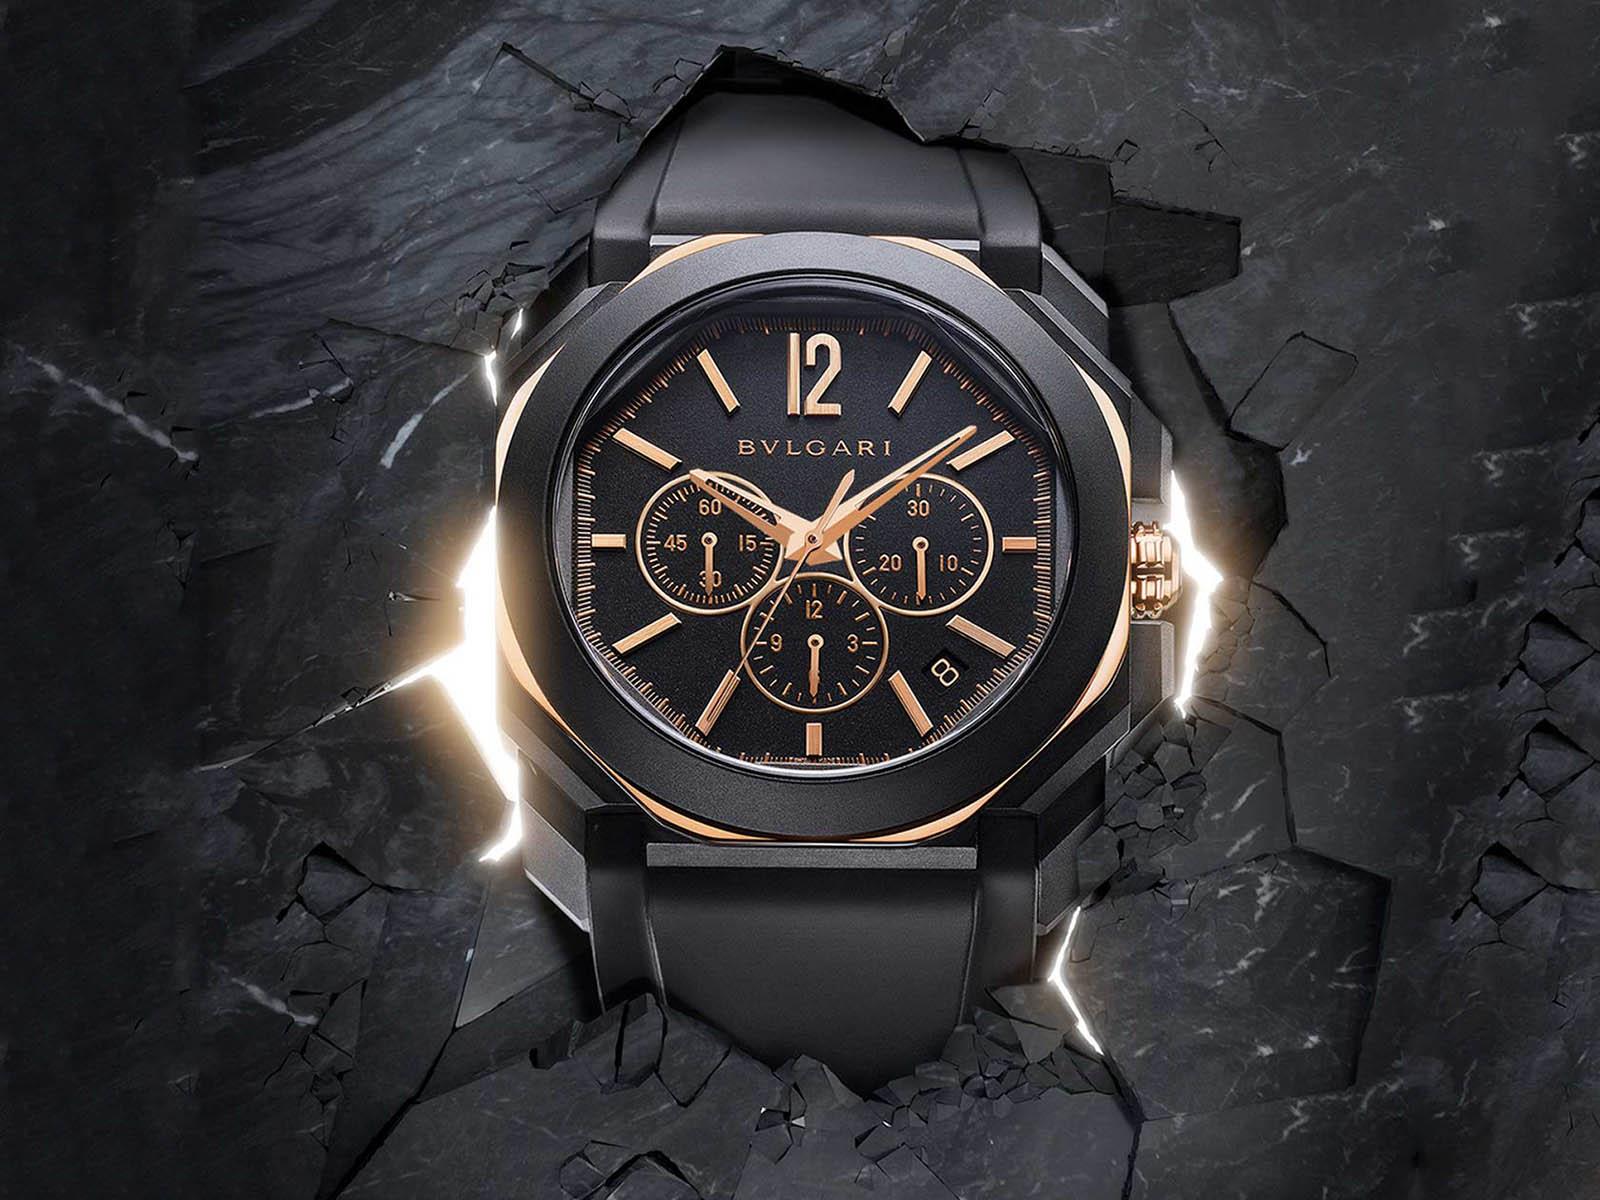 103075-bulgari-l-originale-chronograph-4.jpg